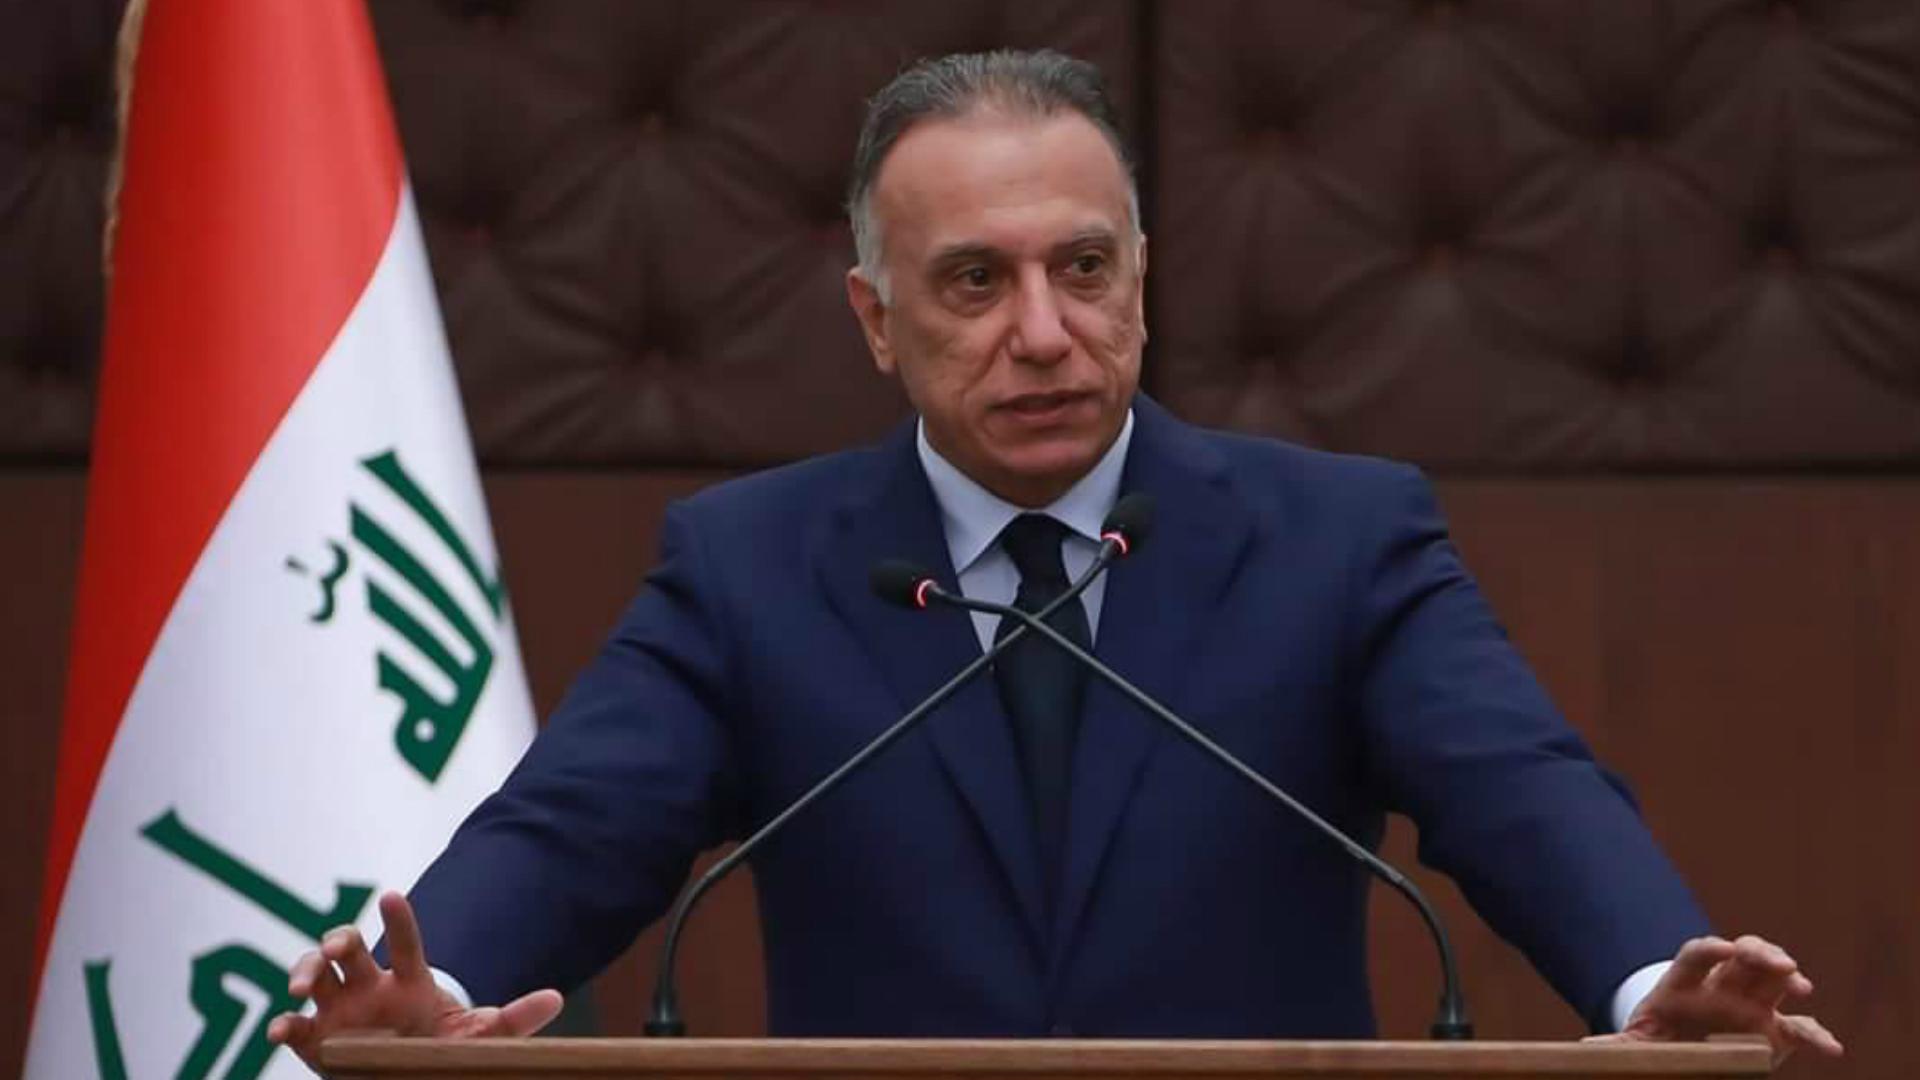 أصدر القائد العام للقوات المسلحة مصطفى الكاظمي، توجيهاً للقوات الأمنية بحماية المتظاهرين السلميين